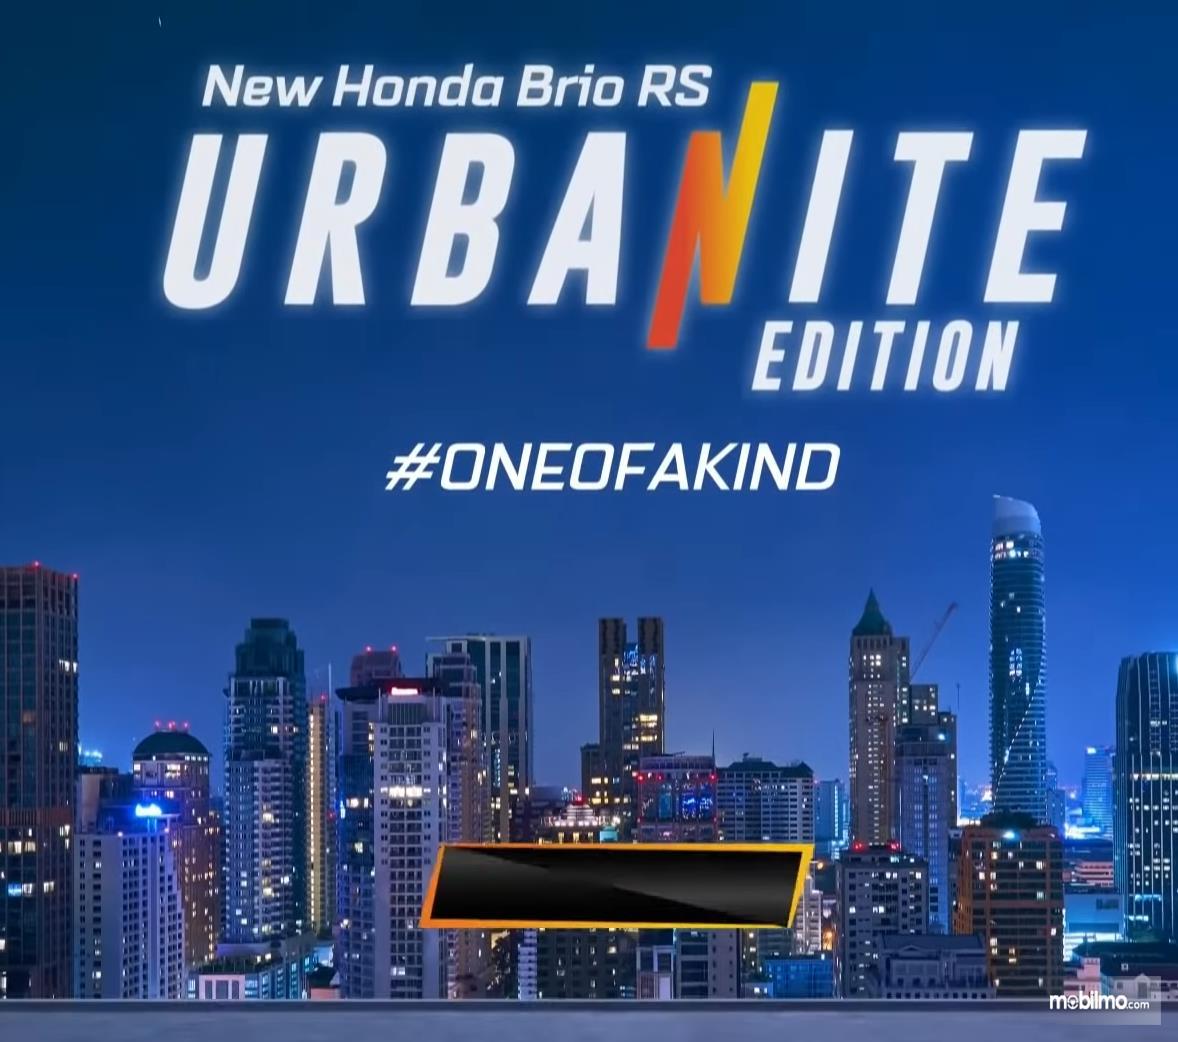 Gambar ini menunjukkan tulisan New Honda Brio RS Urbanite Edition